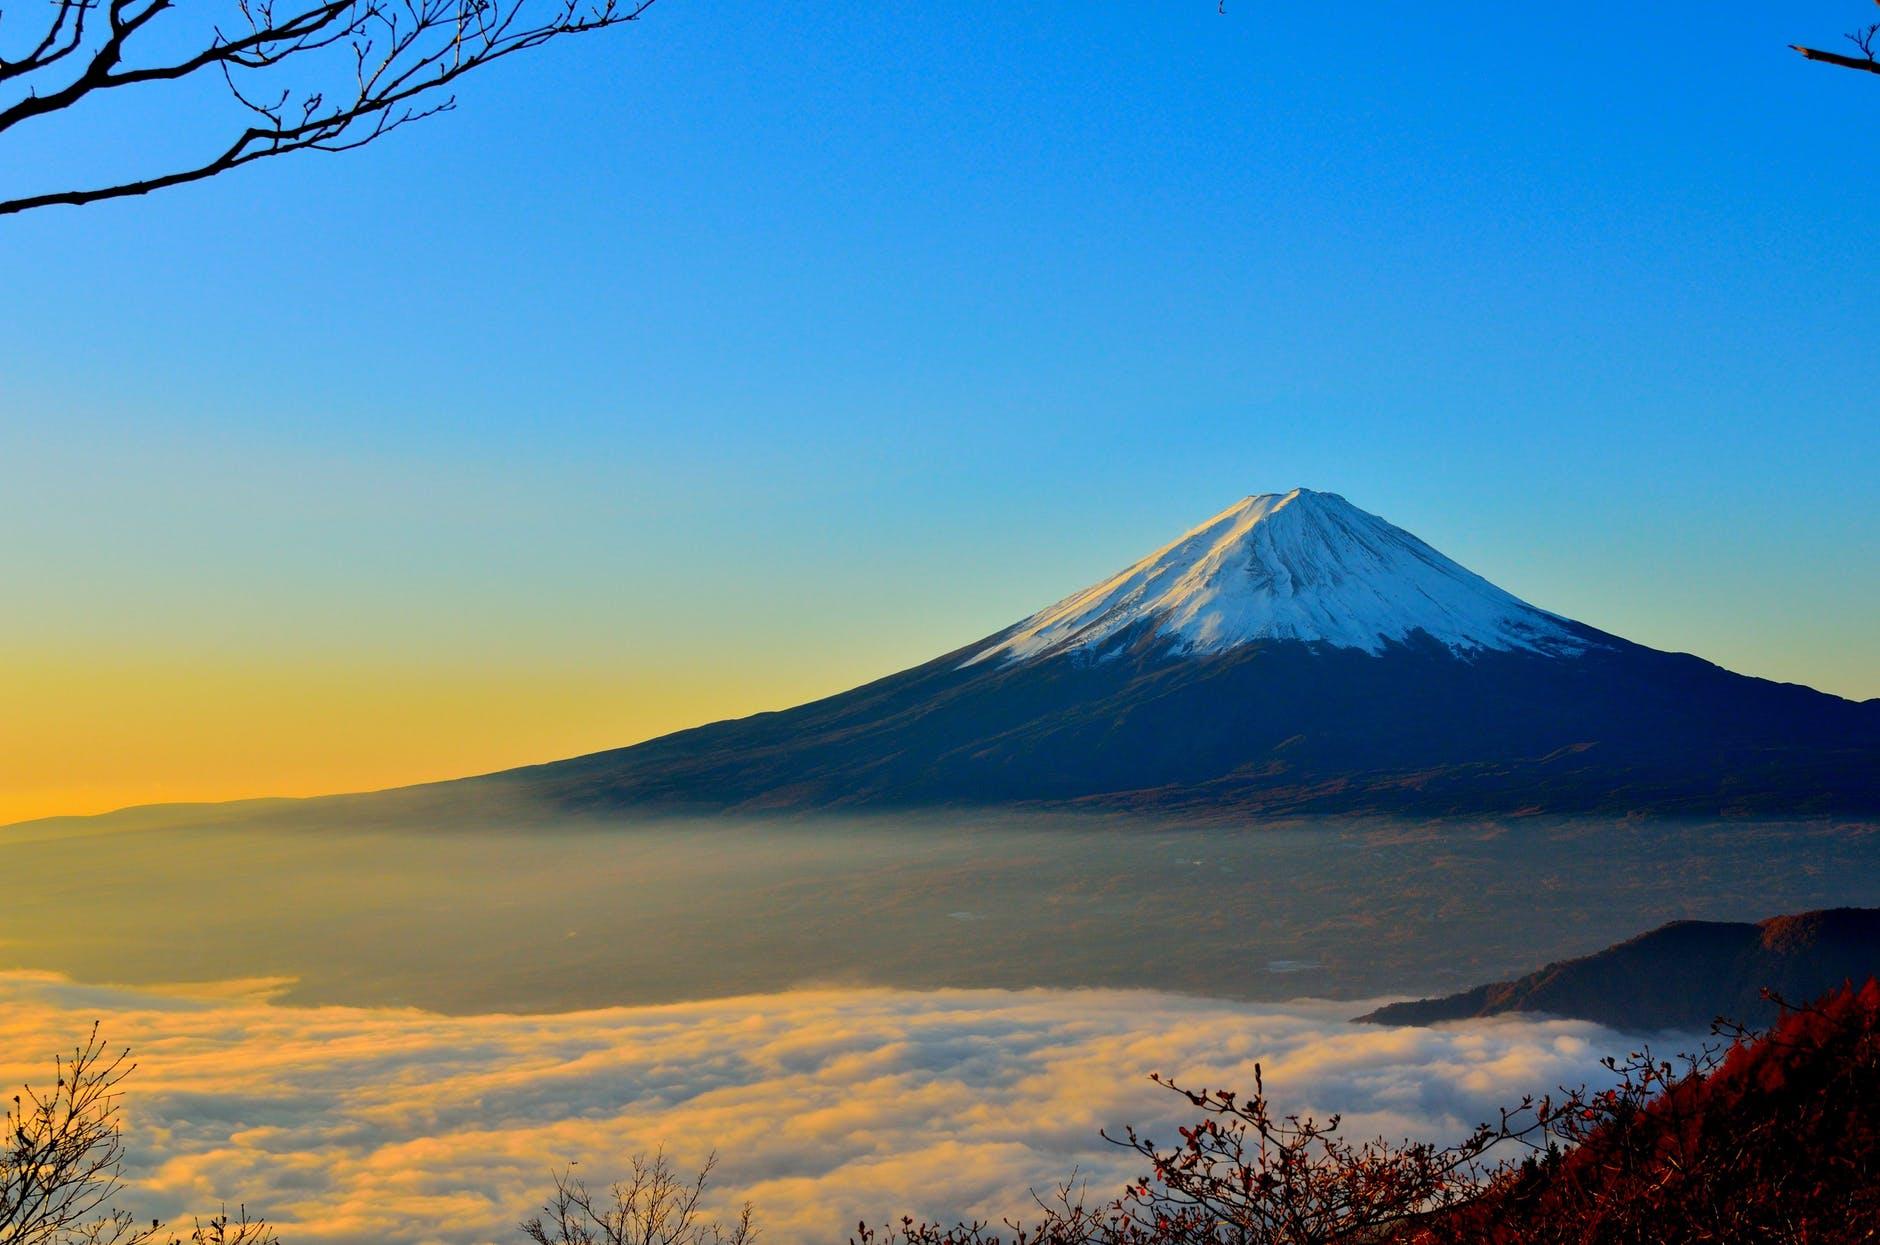 Japonca Nasıl Bir Dil ? ve Japonca Öğrenme Maceram